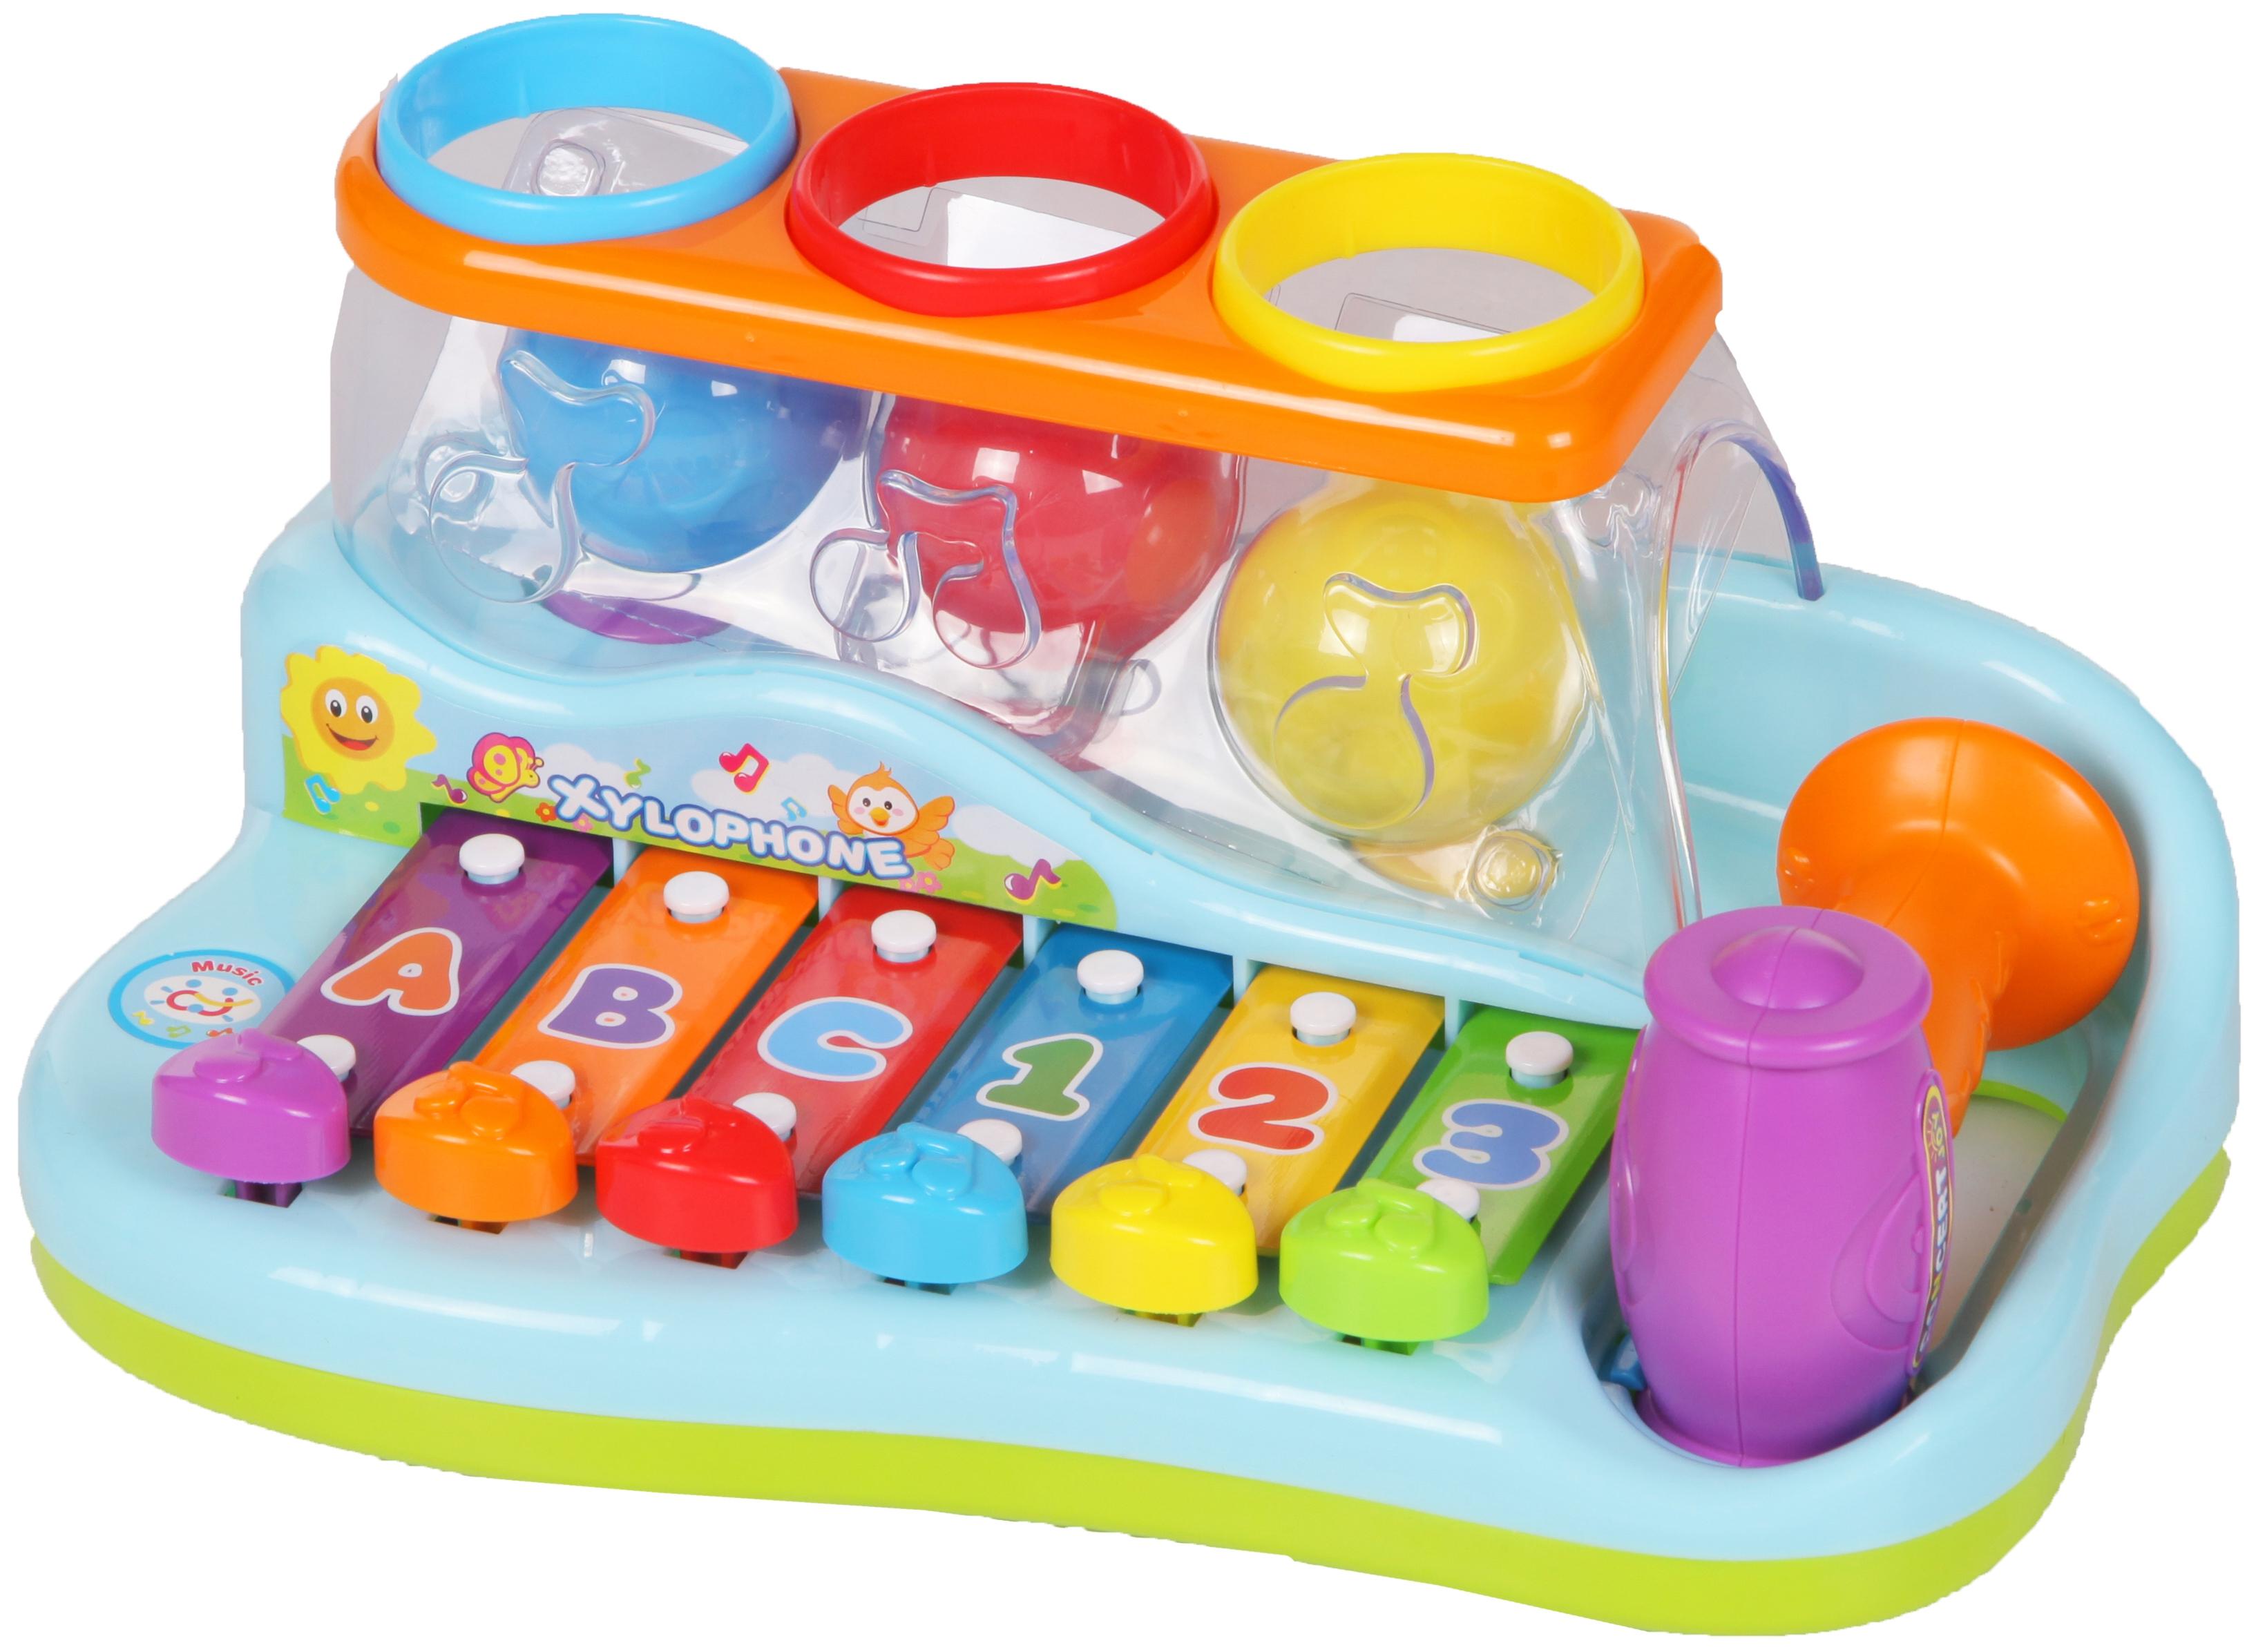 Купить Развивающие игрушки, Ксилофон с молоточком и шарами Y61066, Huile Plastik Toys, Китай, Мультиколор